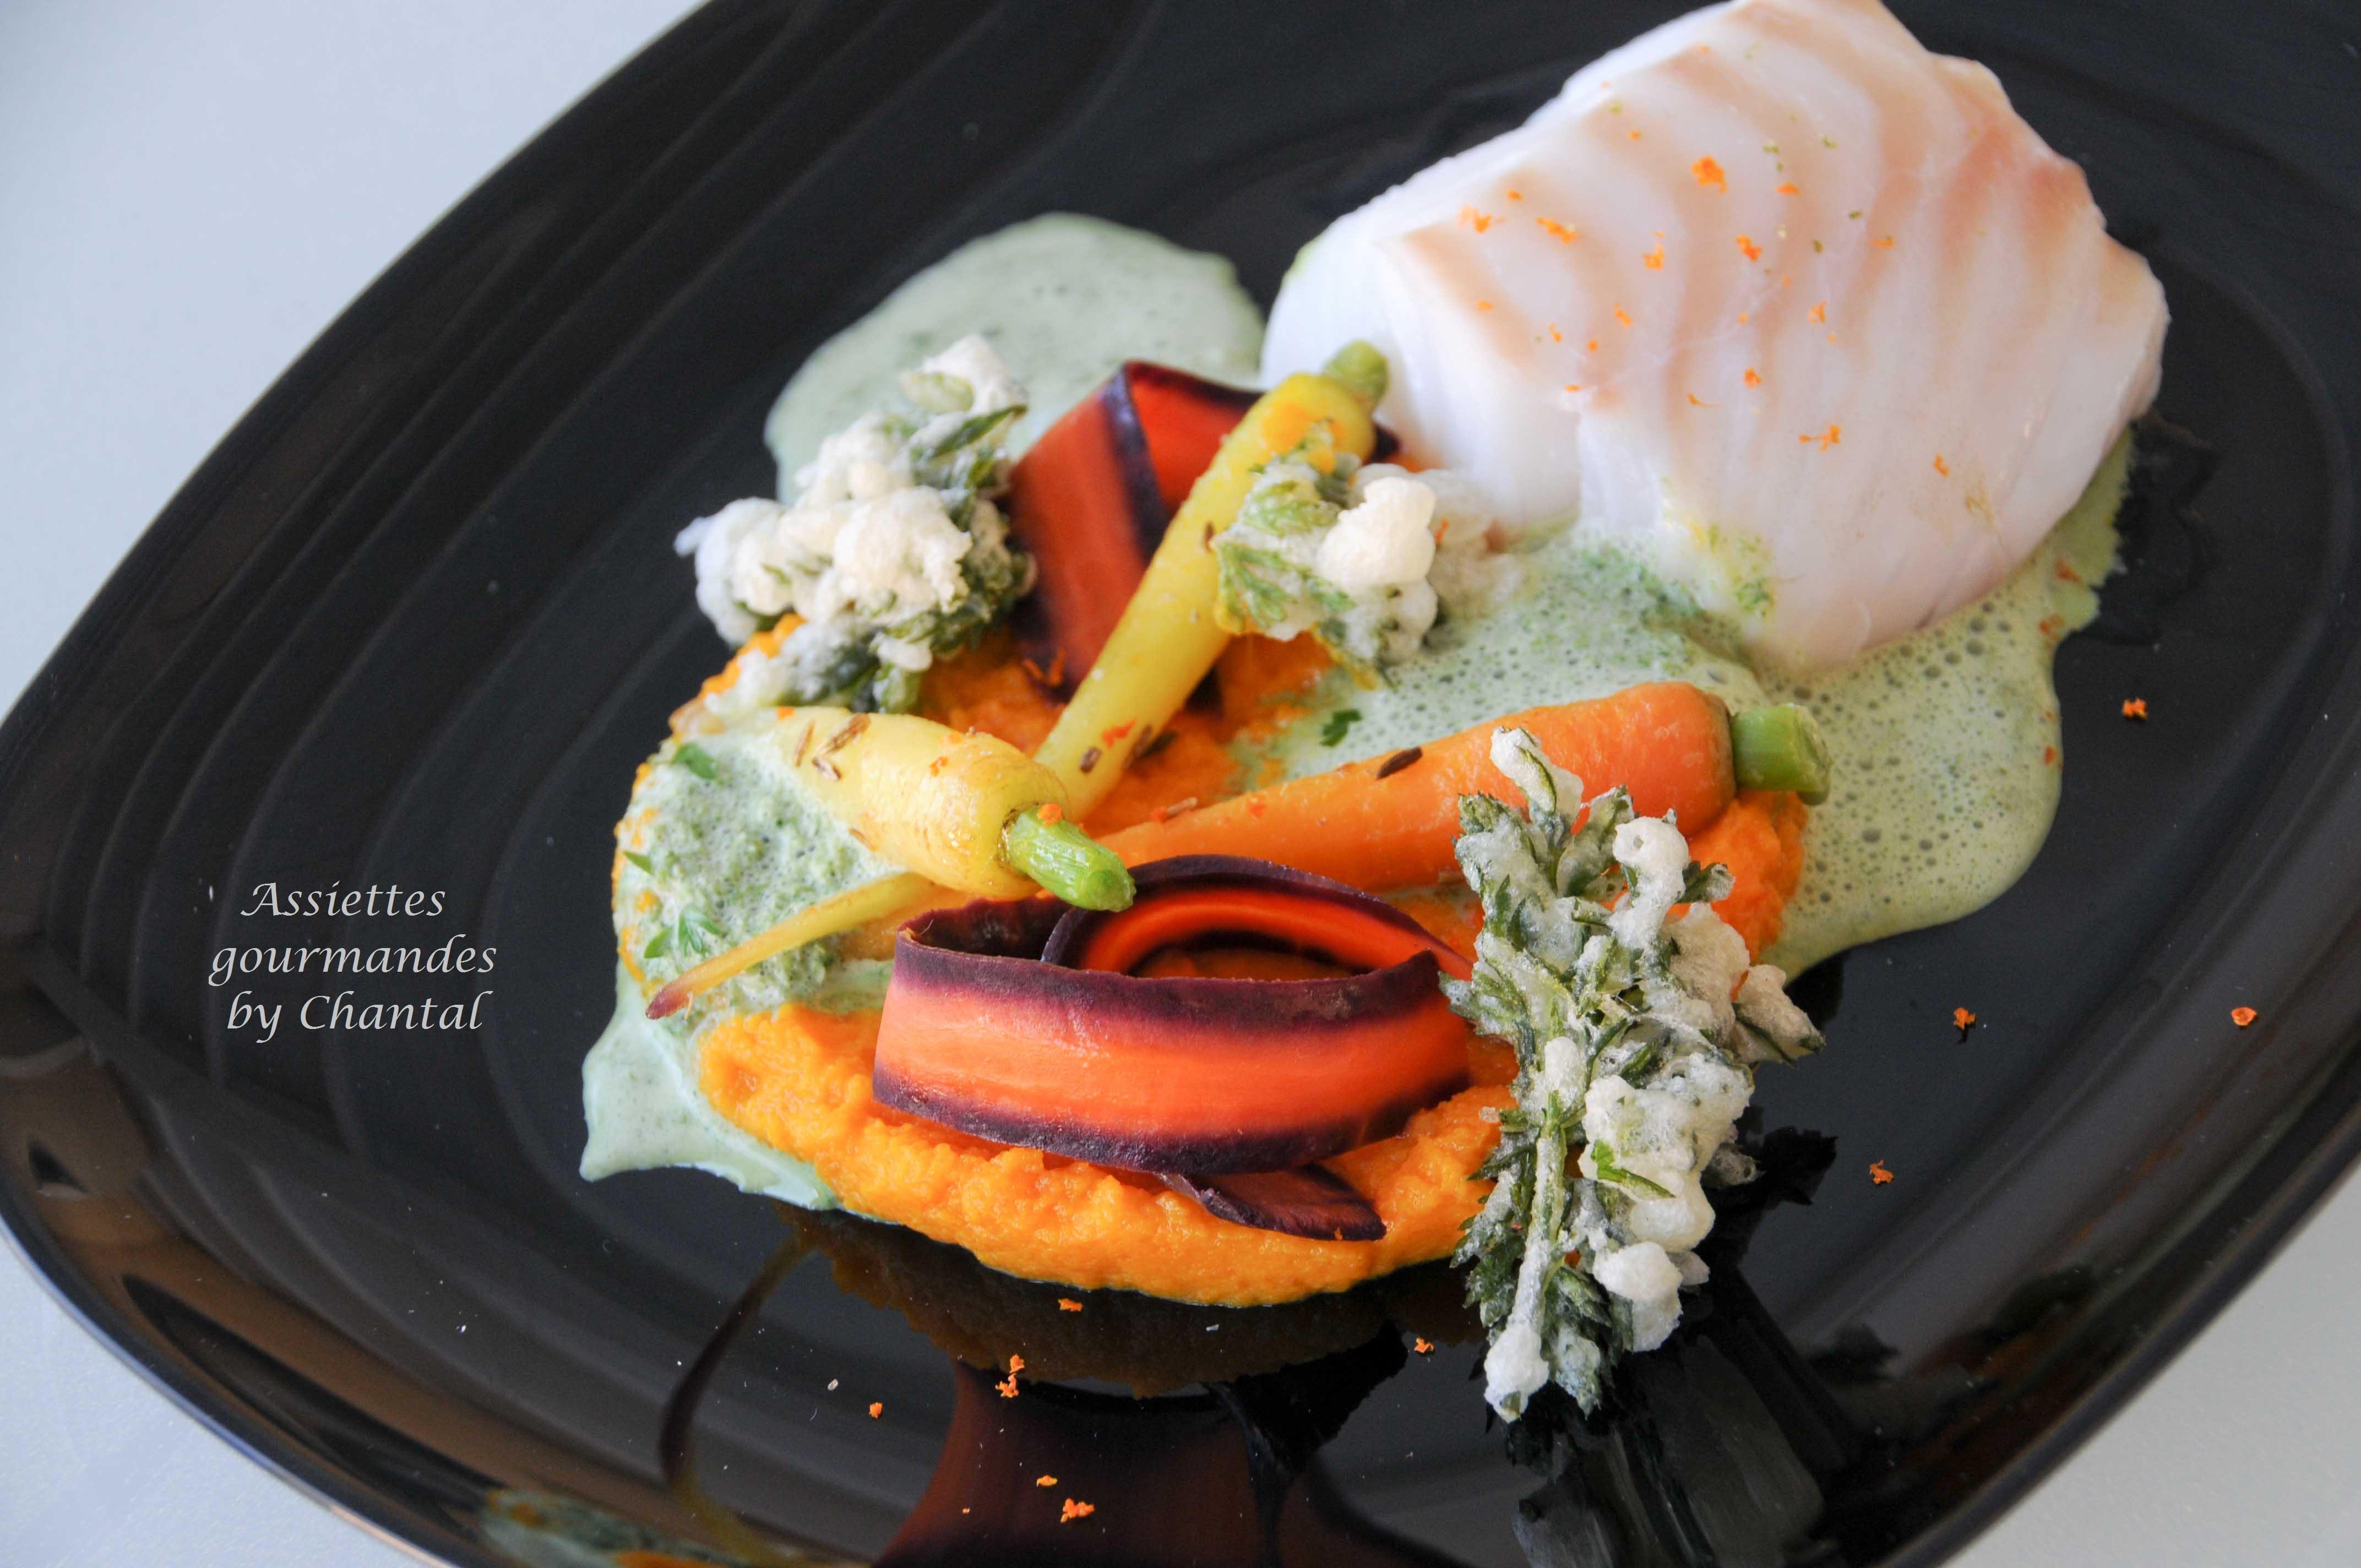 Déclinaison autour de la carotte et dos de cabillaud - Recette de Philippe Etchebest